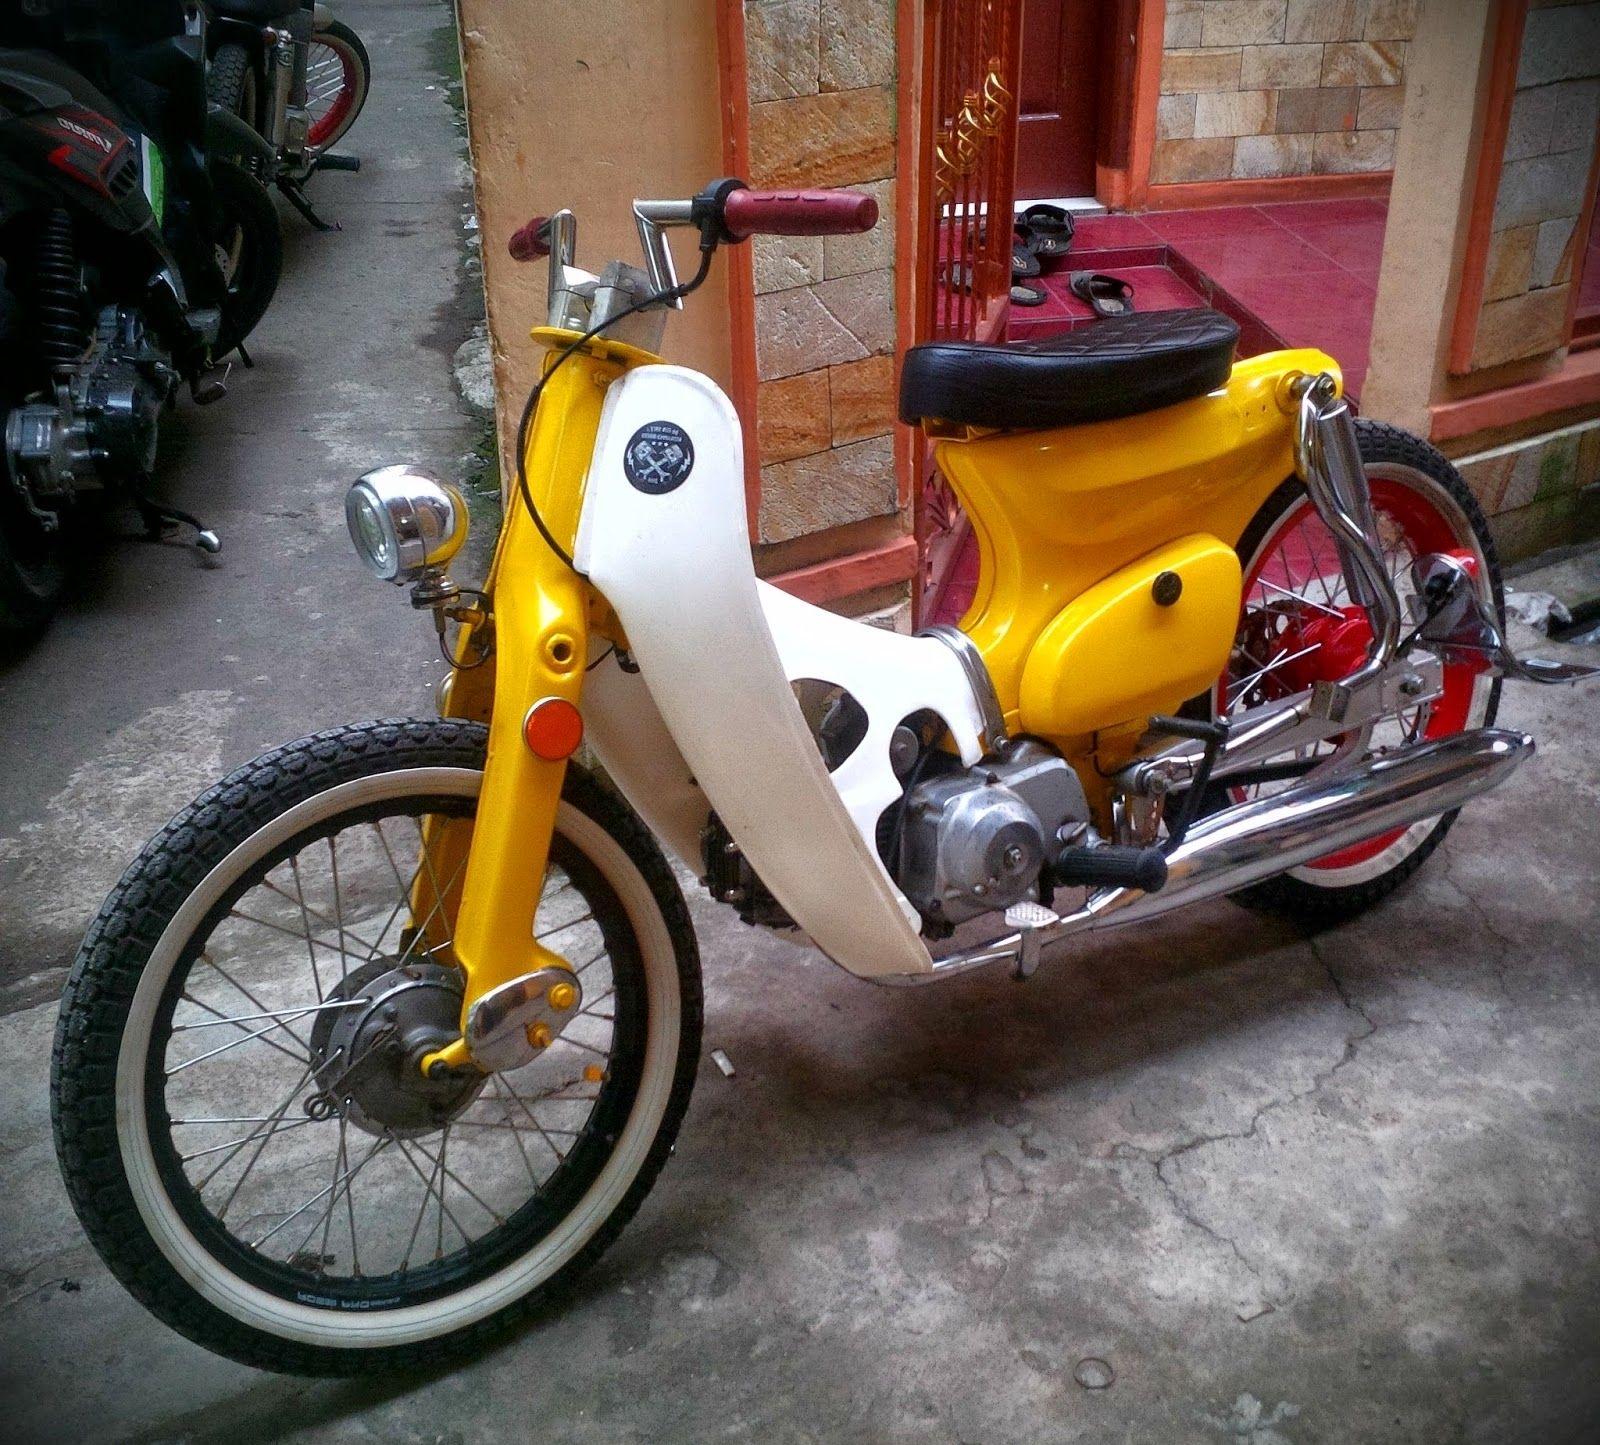 modifikasi-motor-astrea-800-untuk-c70-street-cub-marley-basic-astrea-800-bengkel-motor-custom-koleksi-gambar-modifikasi-motor-astrea-800.jpg (1600×1445)